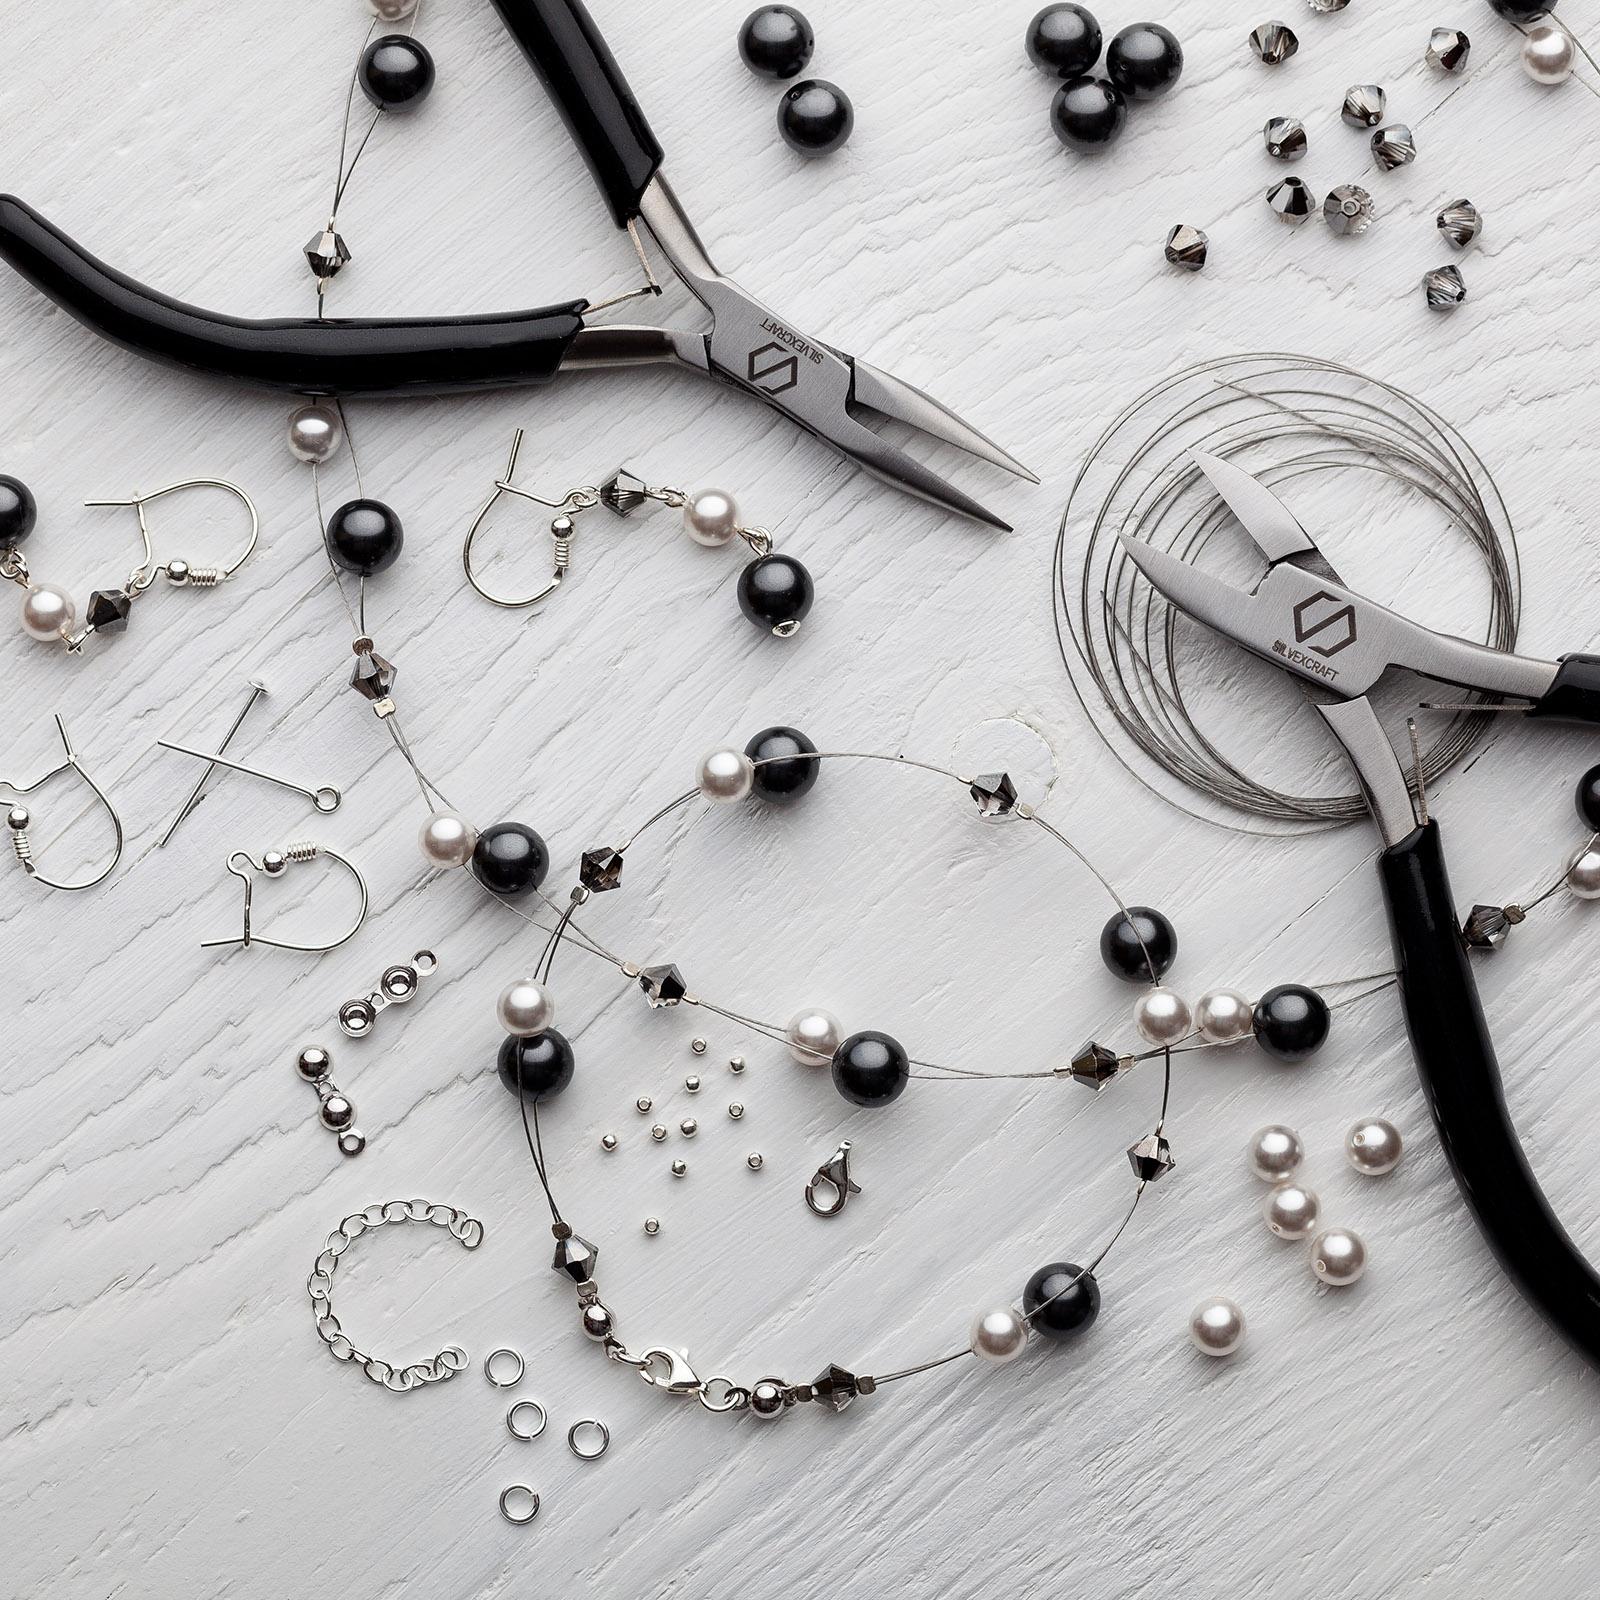 zestaw do robienia biżuterii